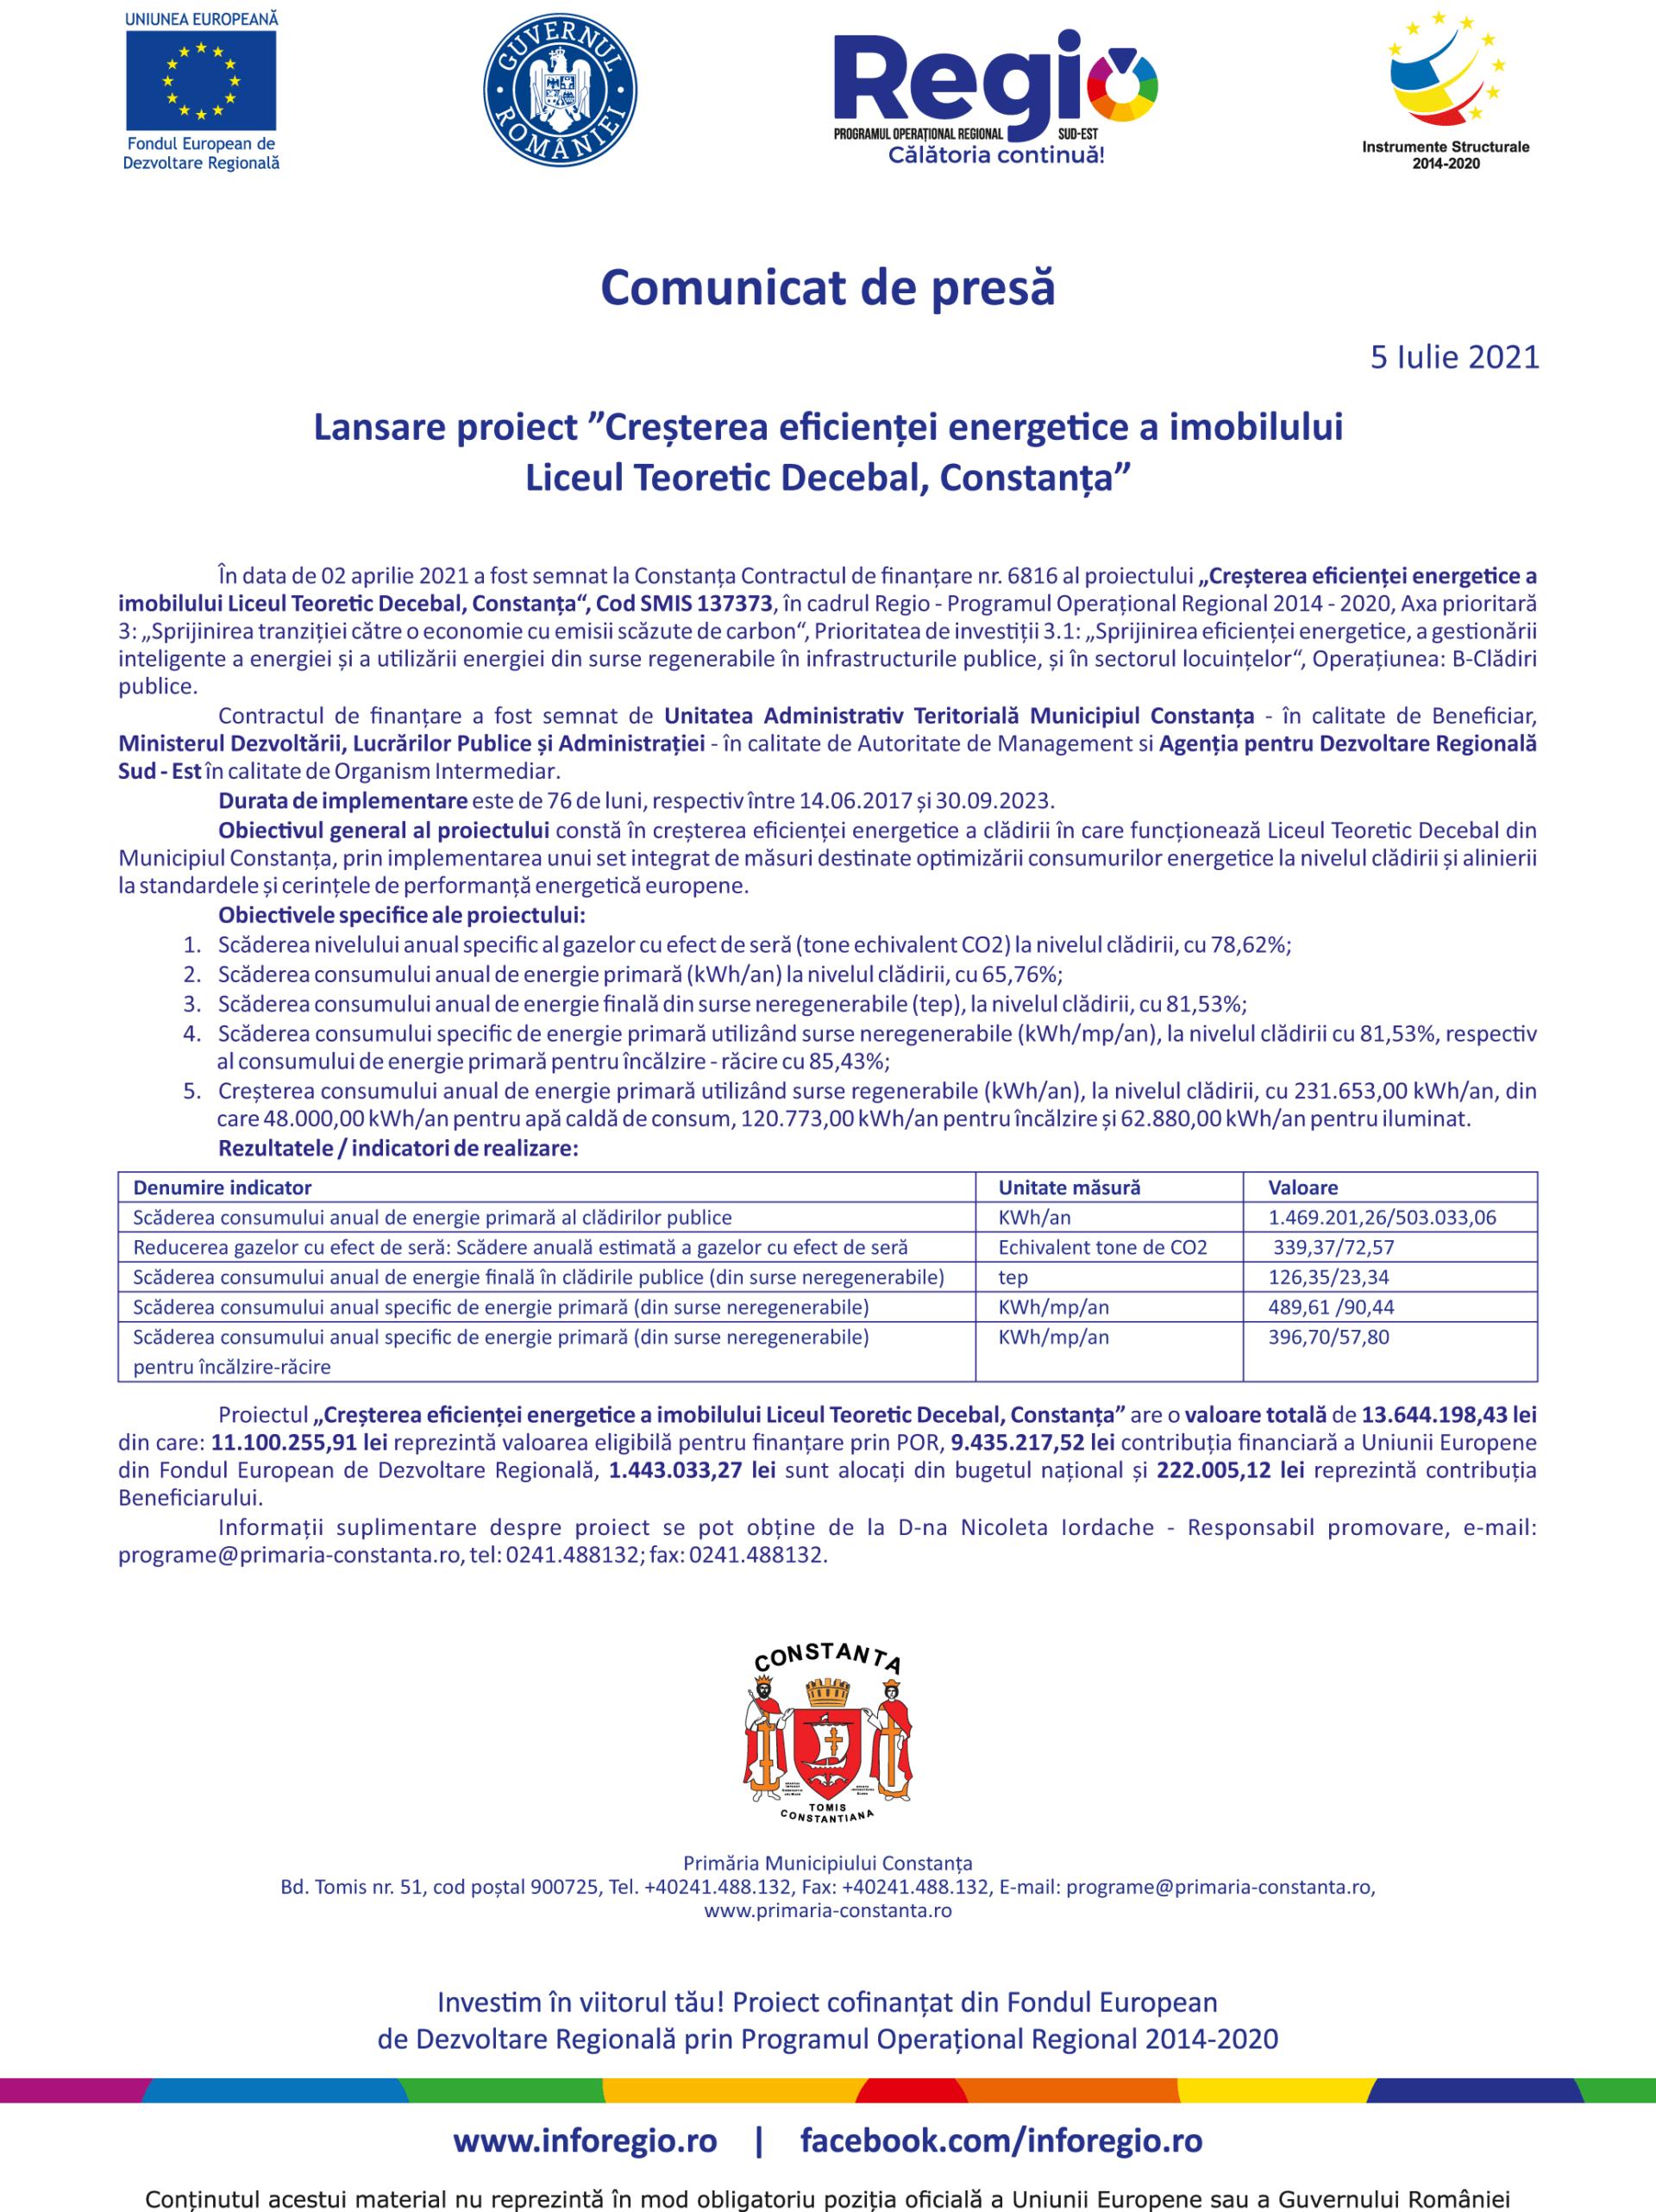 comunicat-presa-constanta-liceul-decebal-5-iulie